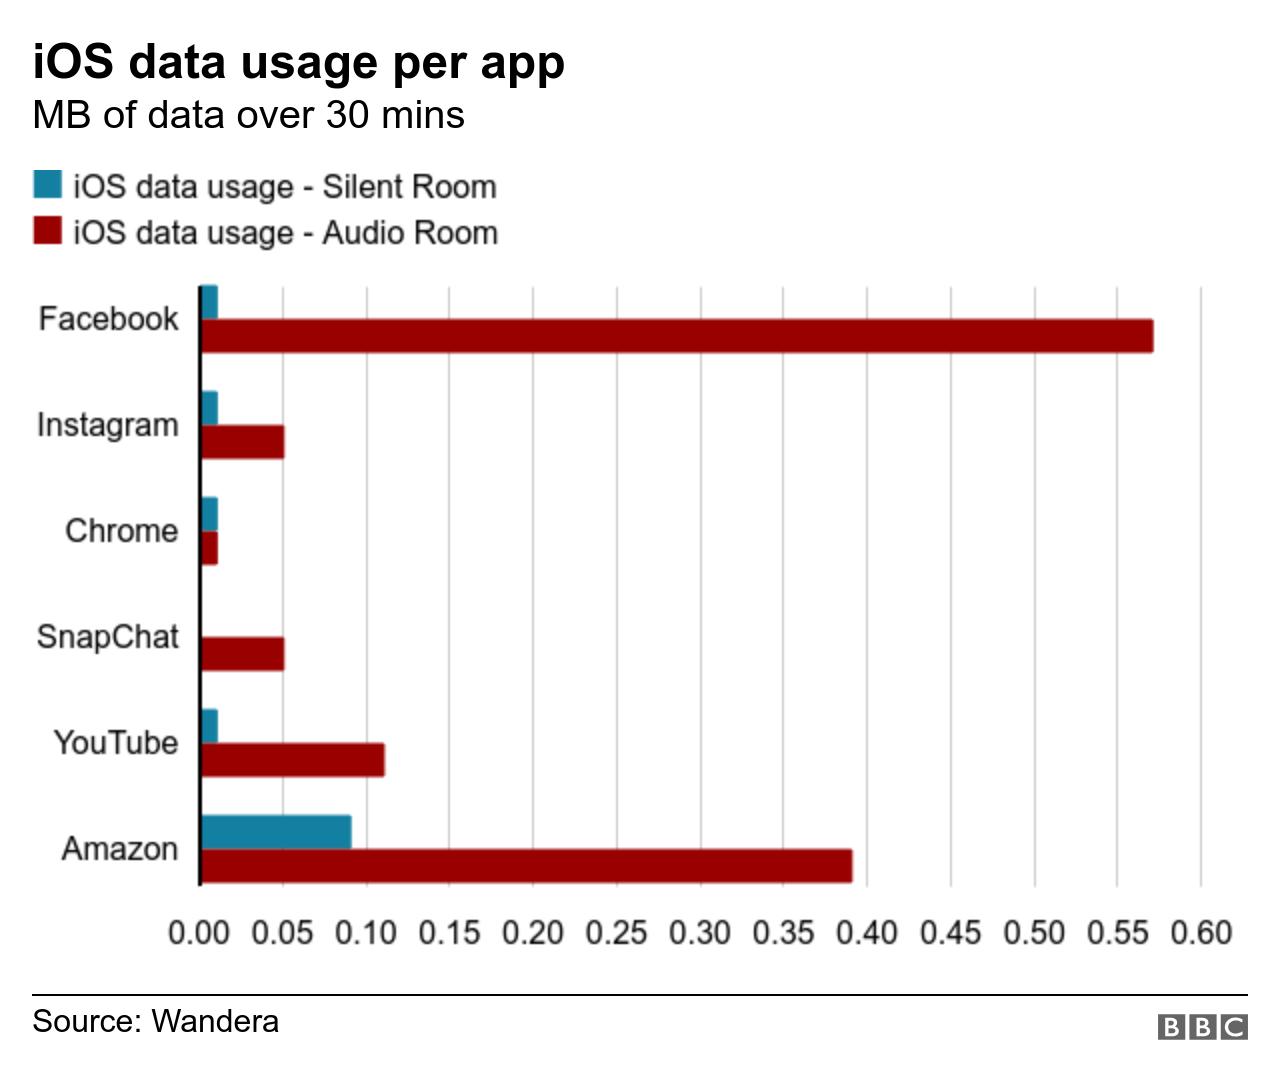 iOS data usage per app